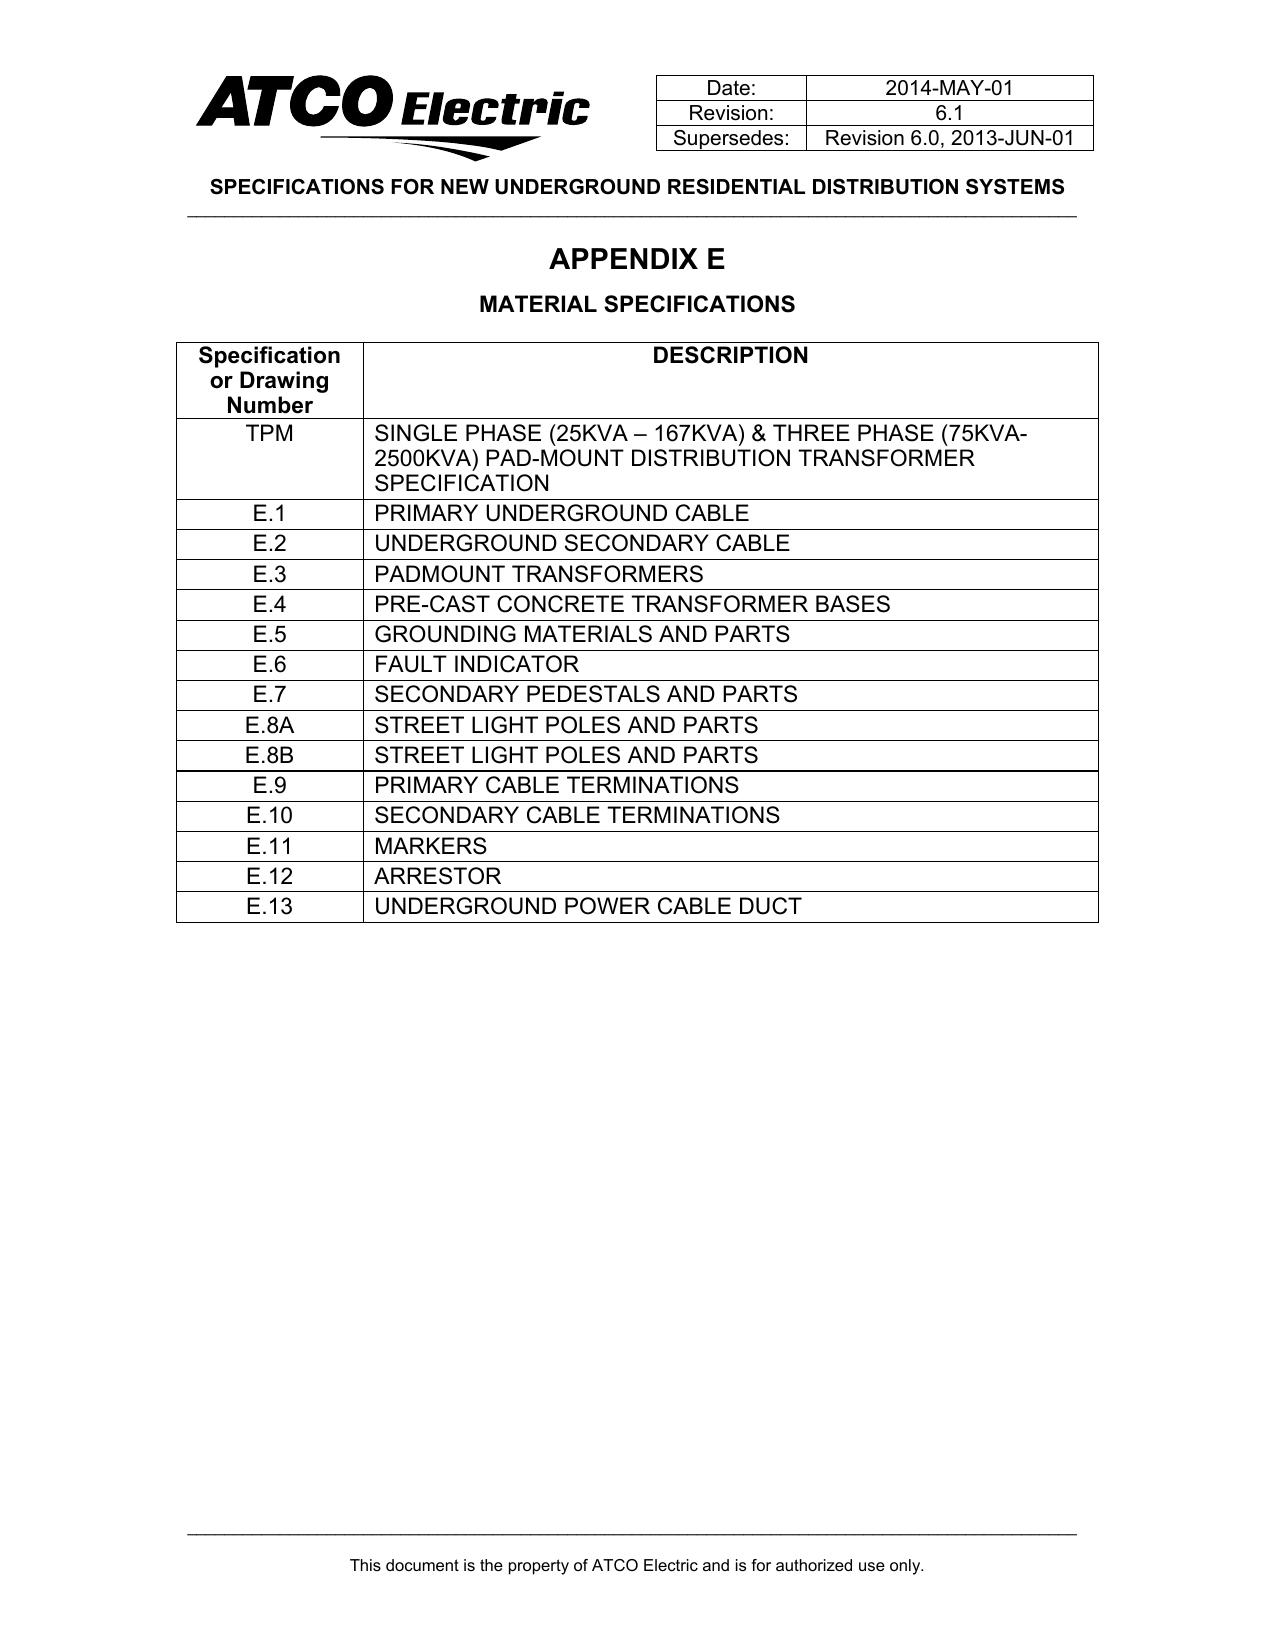 appendix e - ATCO Electric   manualzz com